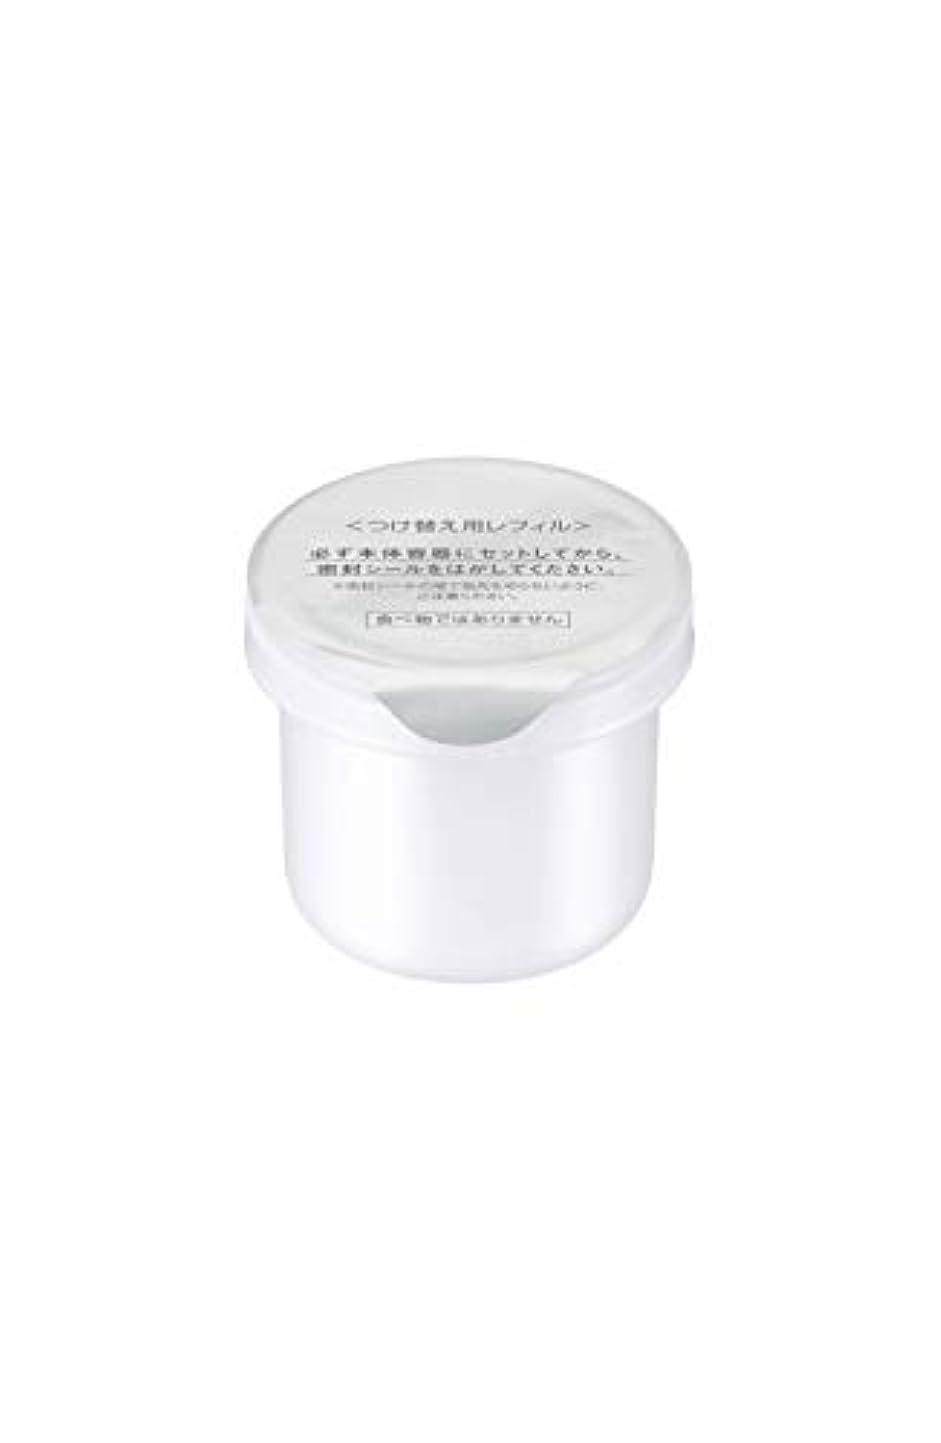 蜂保護するデザートDEW ブライトニングクリーム (レフィル)【医薬部外品】